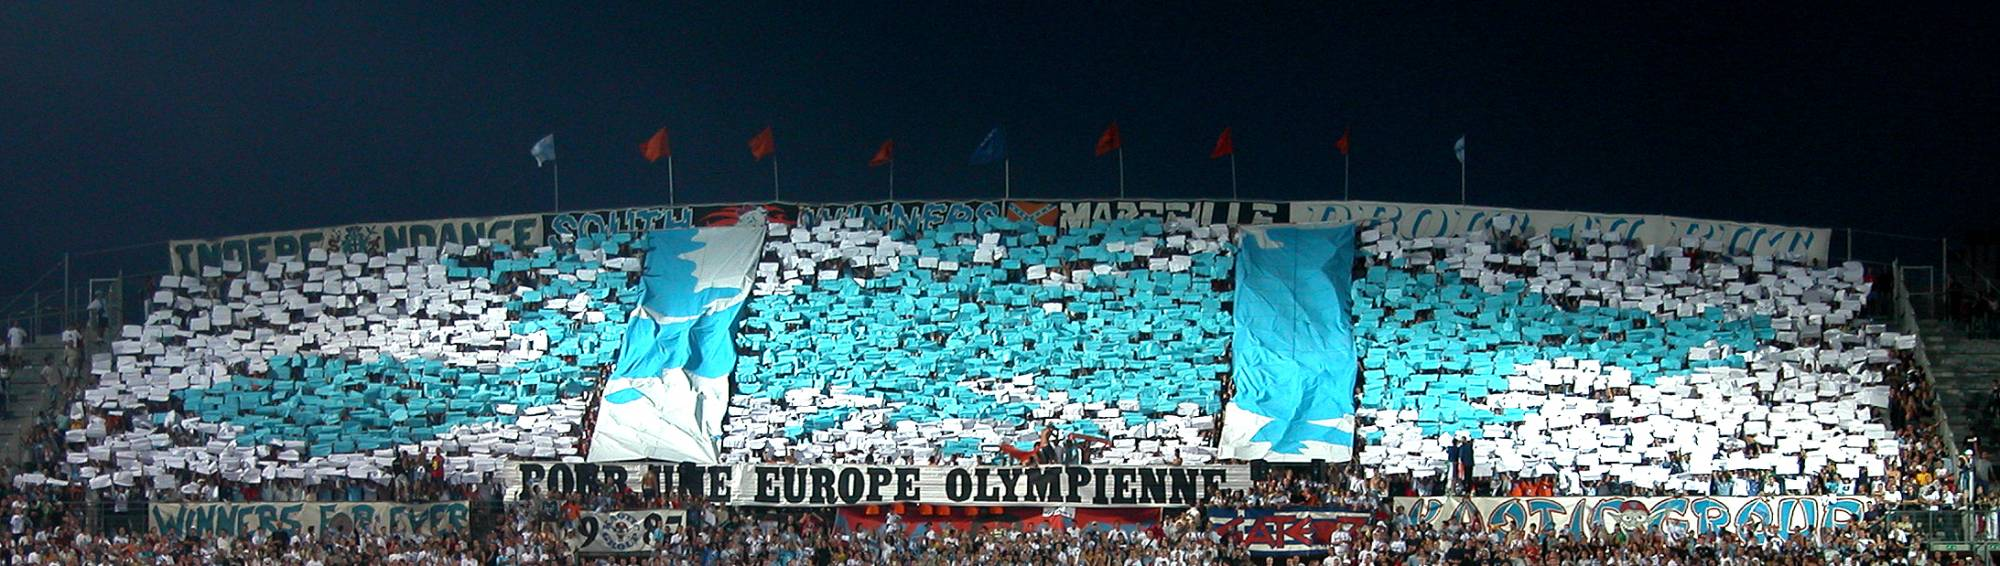 OM-Austra Vienne saison 2003/2004